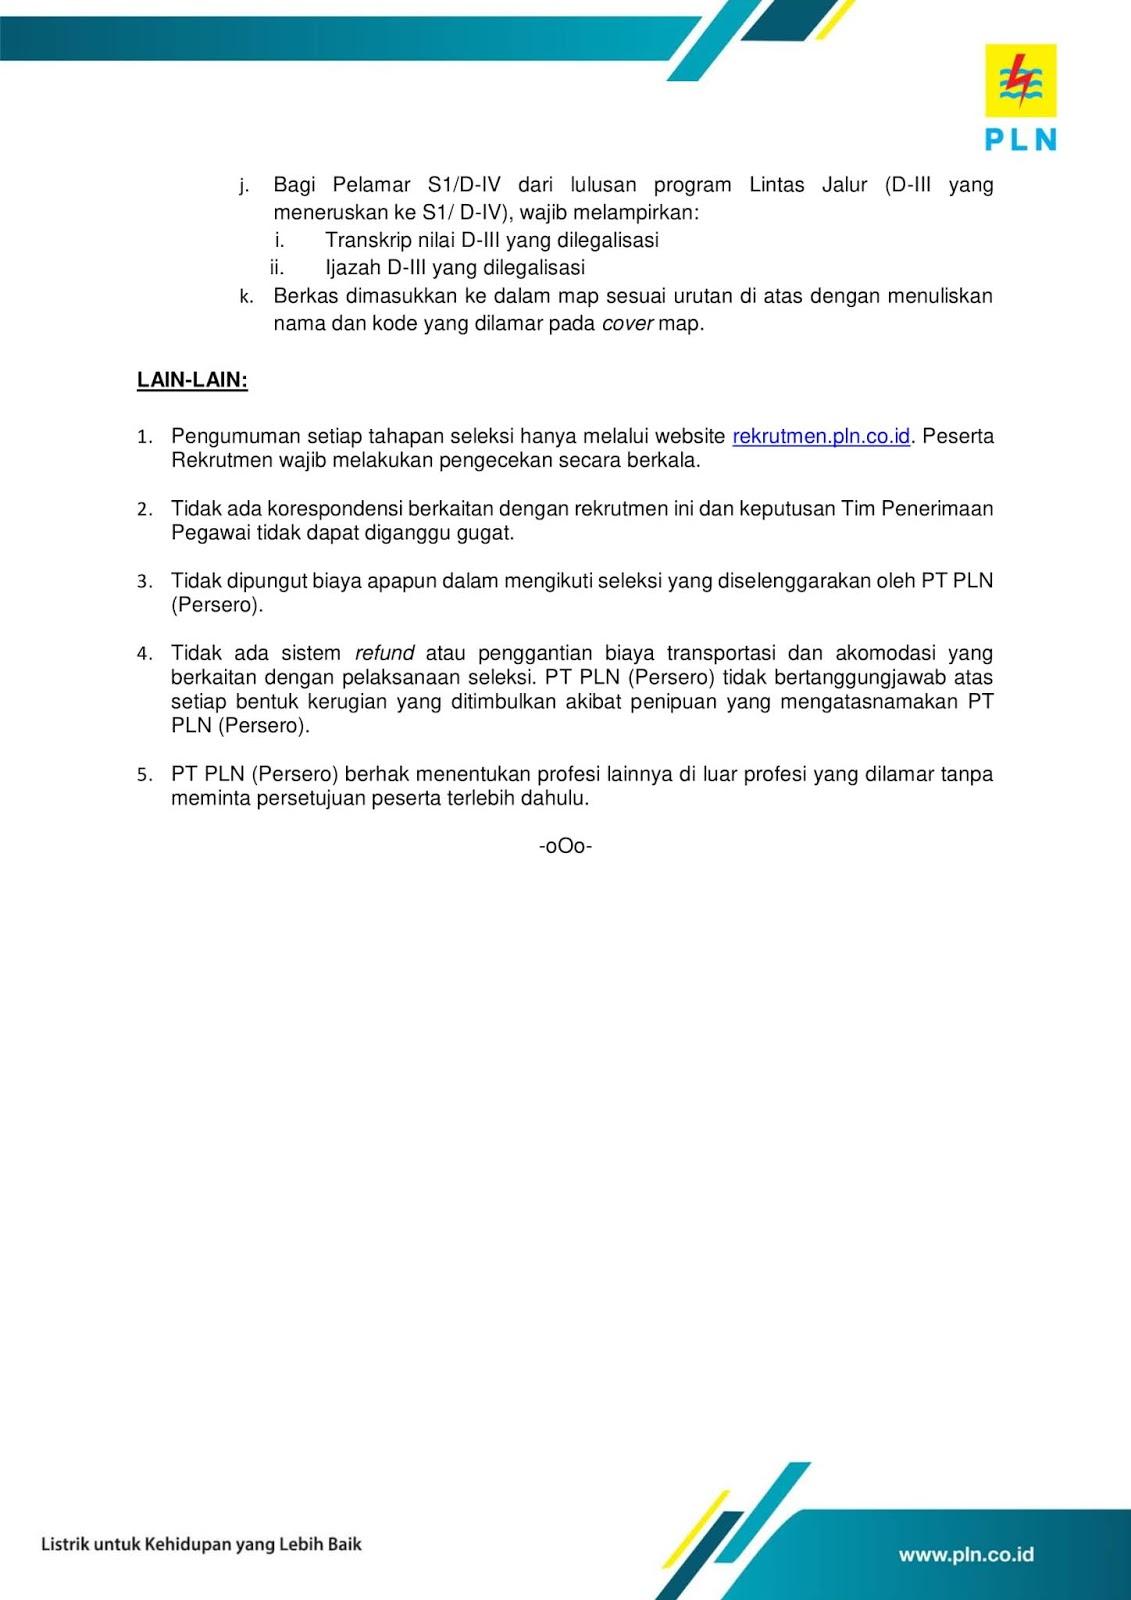 Lowongan Kerja Umum PLN (Persero) Group Tingkat D3 S1 Via Airlangga Career Fair Tahun 2019